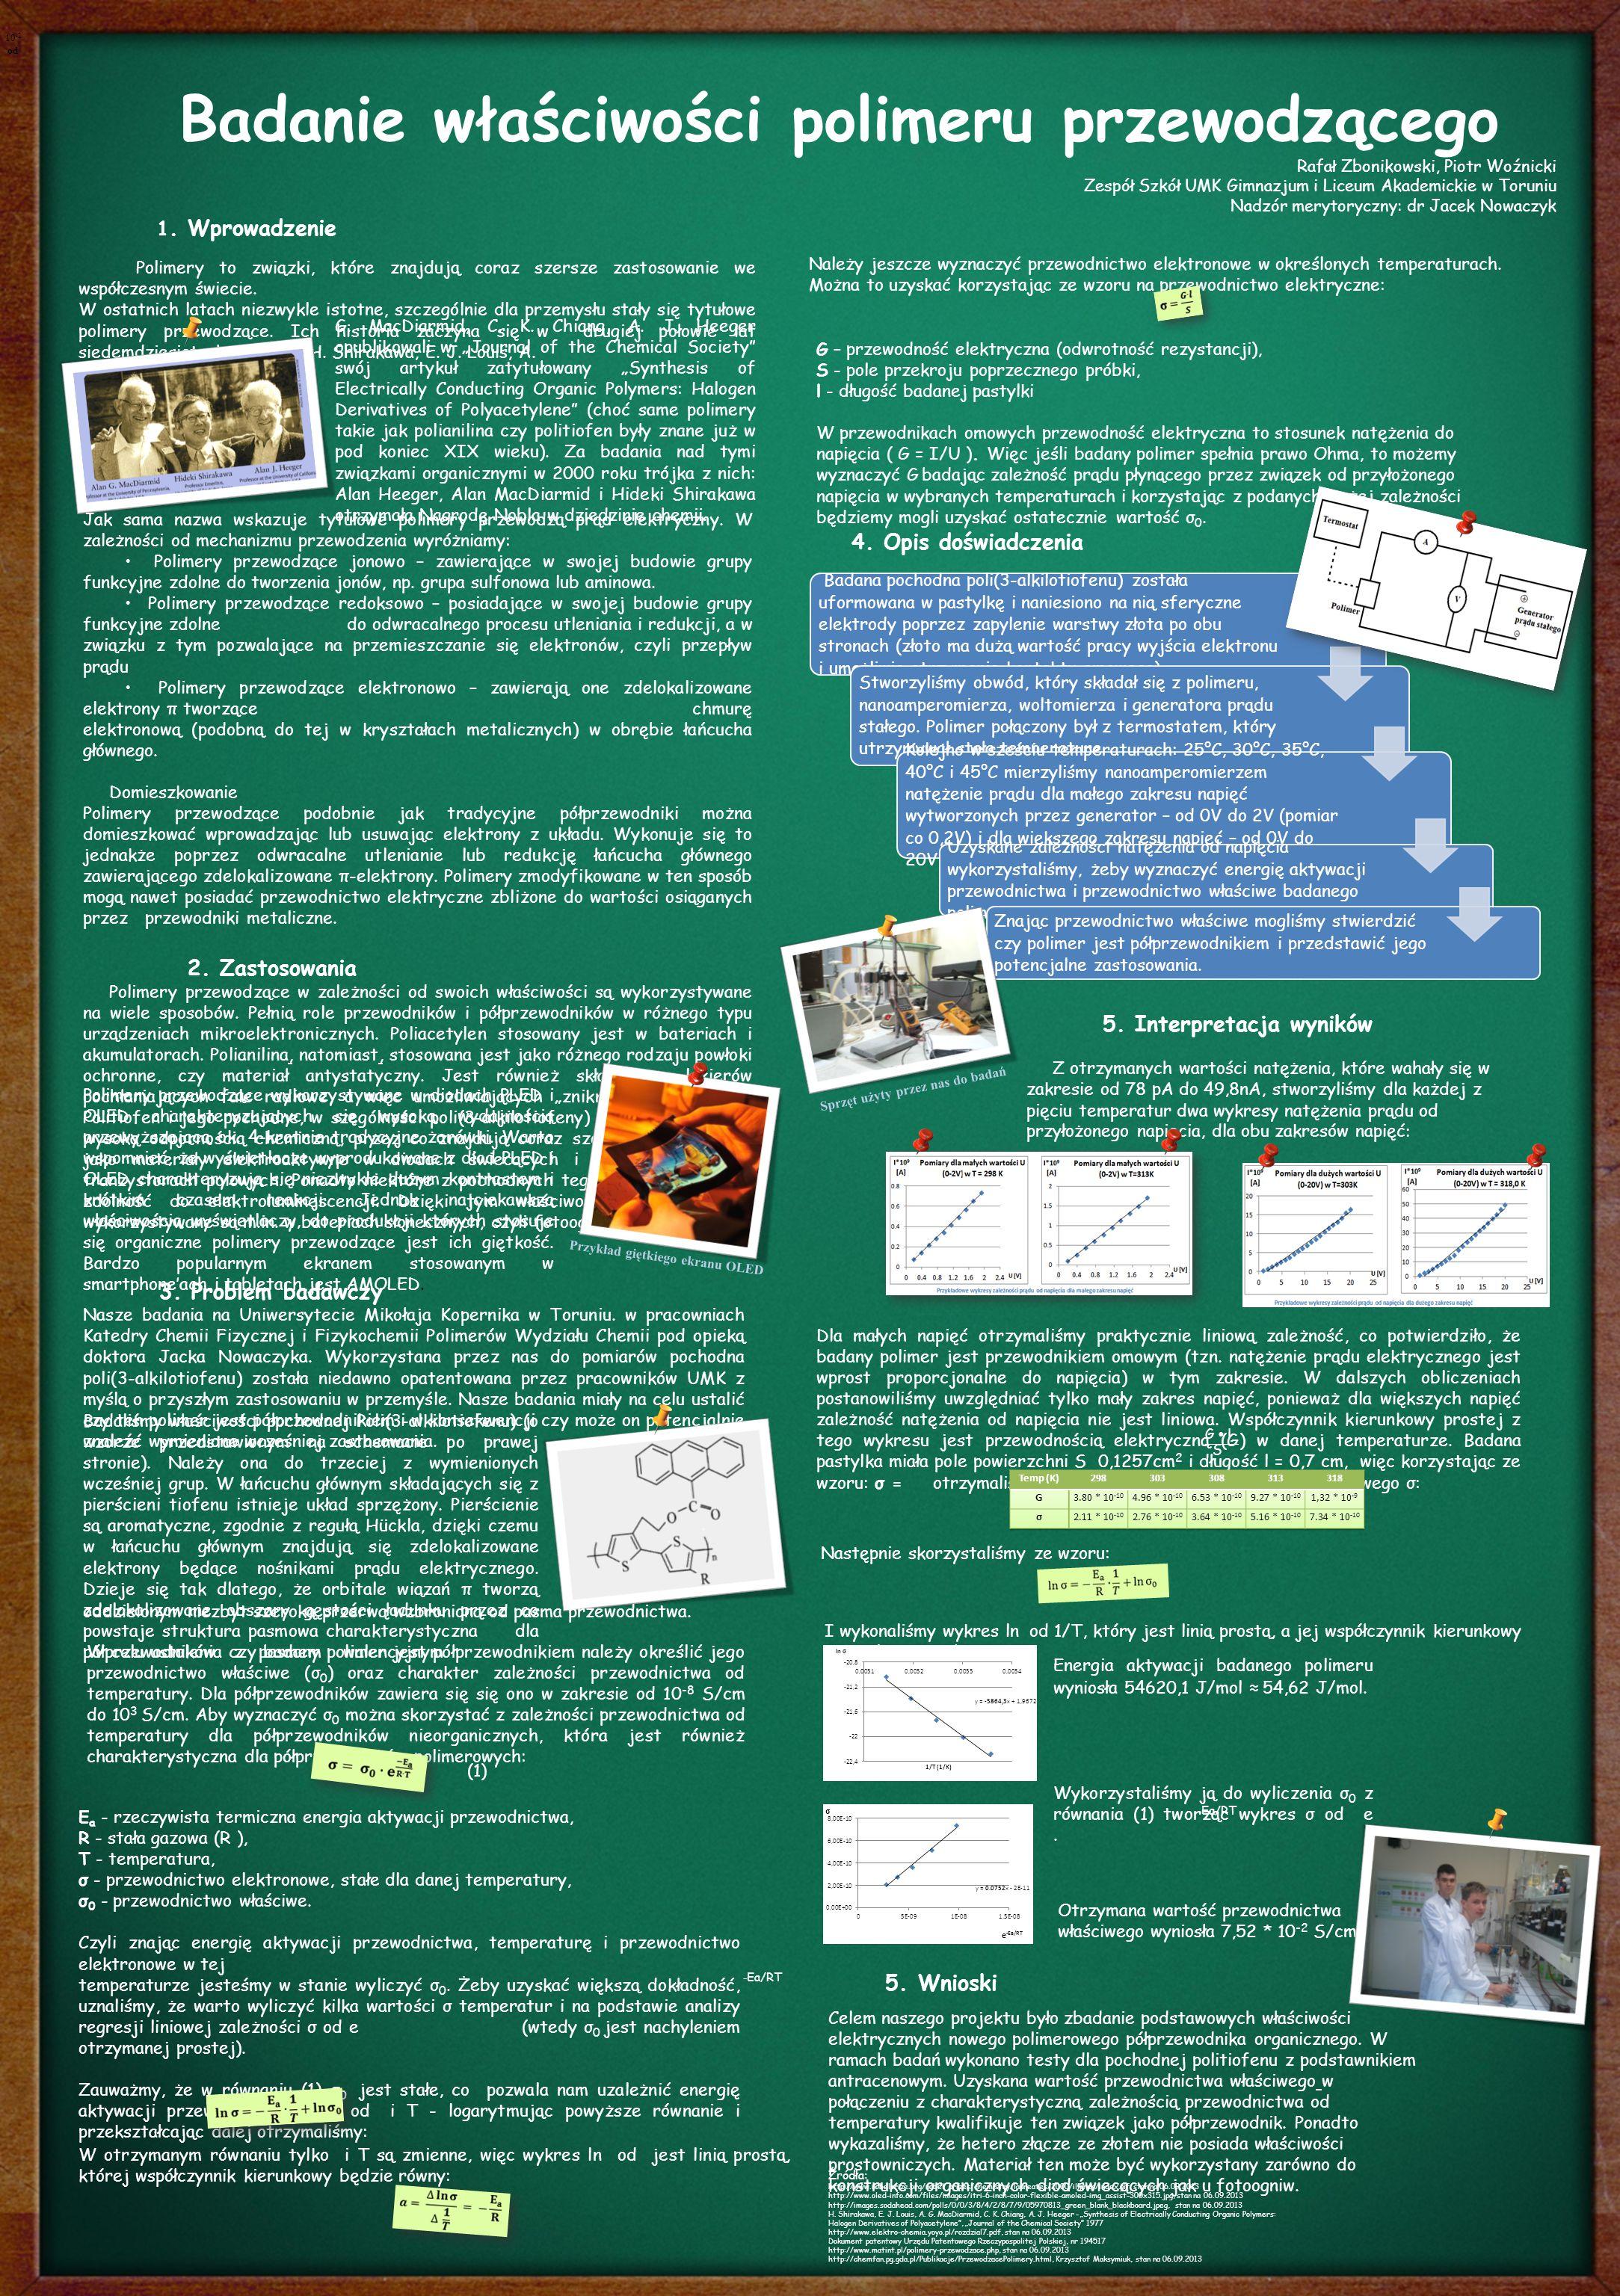 Badanie właściwości polimeru przewodzącego